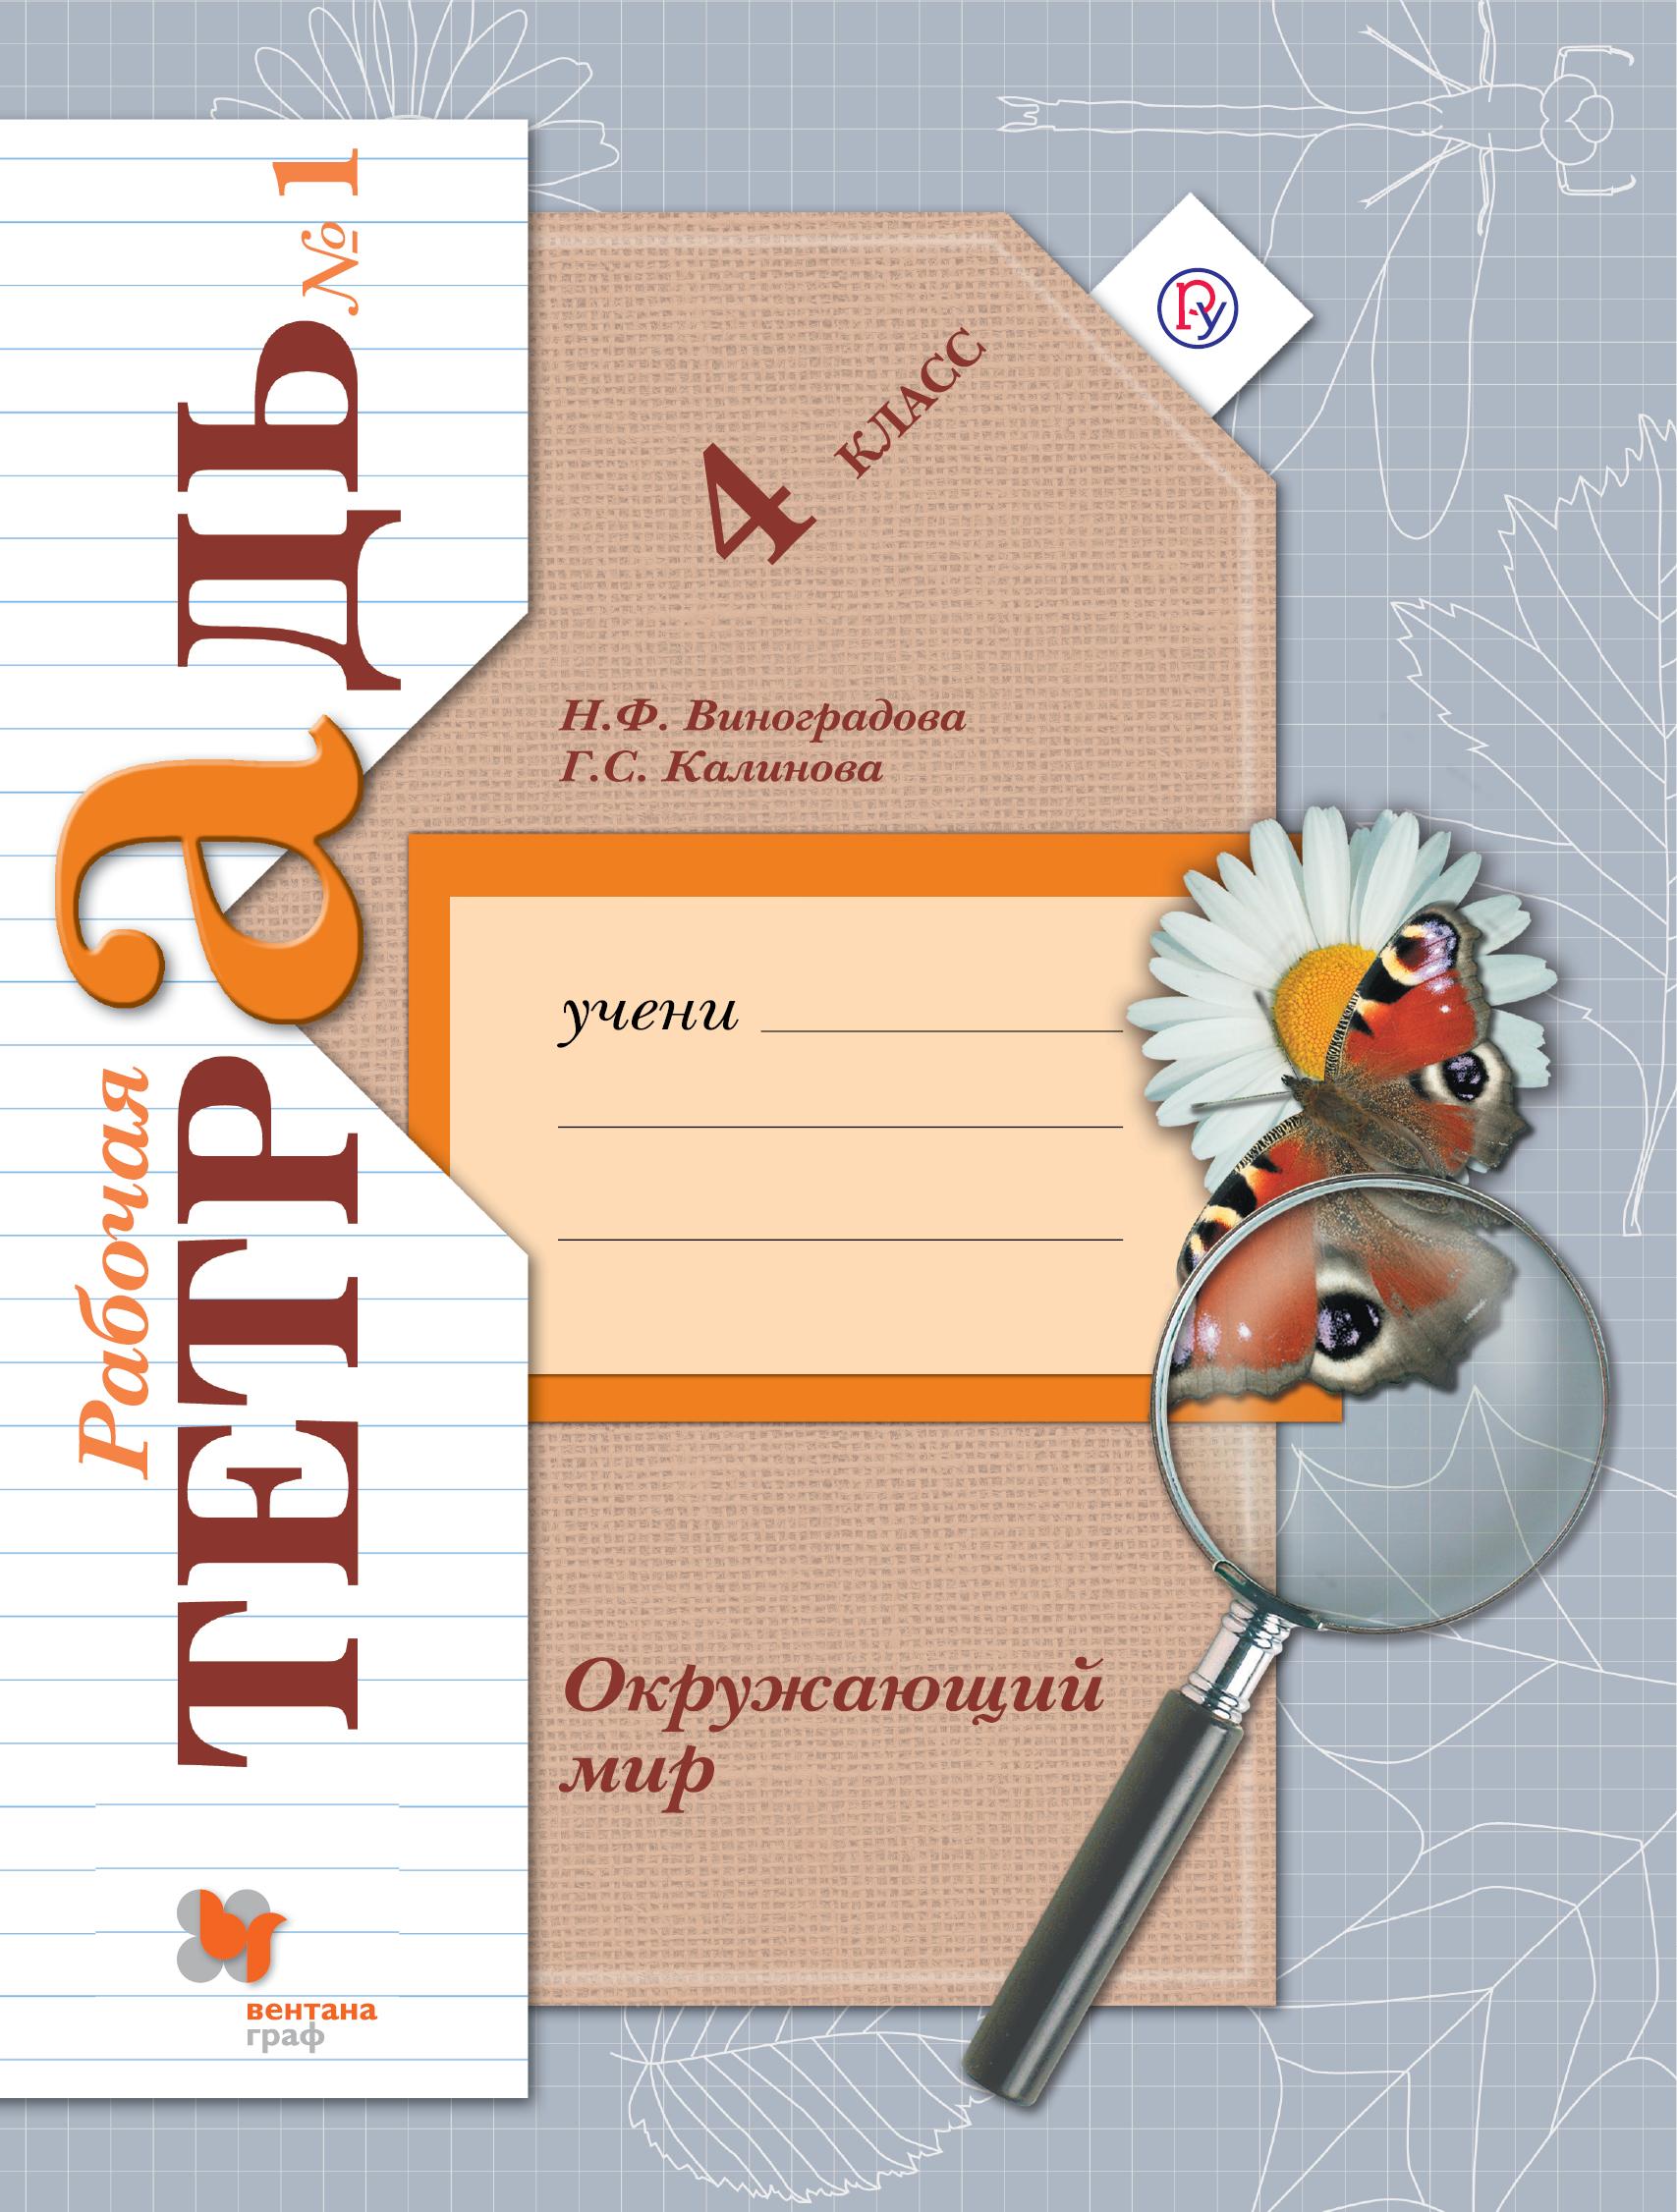 Н. Ф. Виноградова, Г. С. Калинова Окружающий мир. 4 класс. Рабочая тетрадь №1